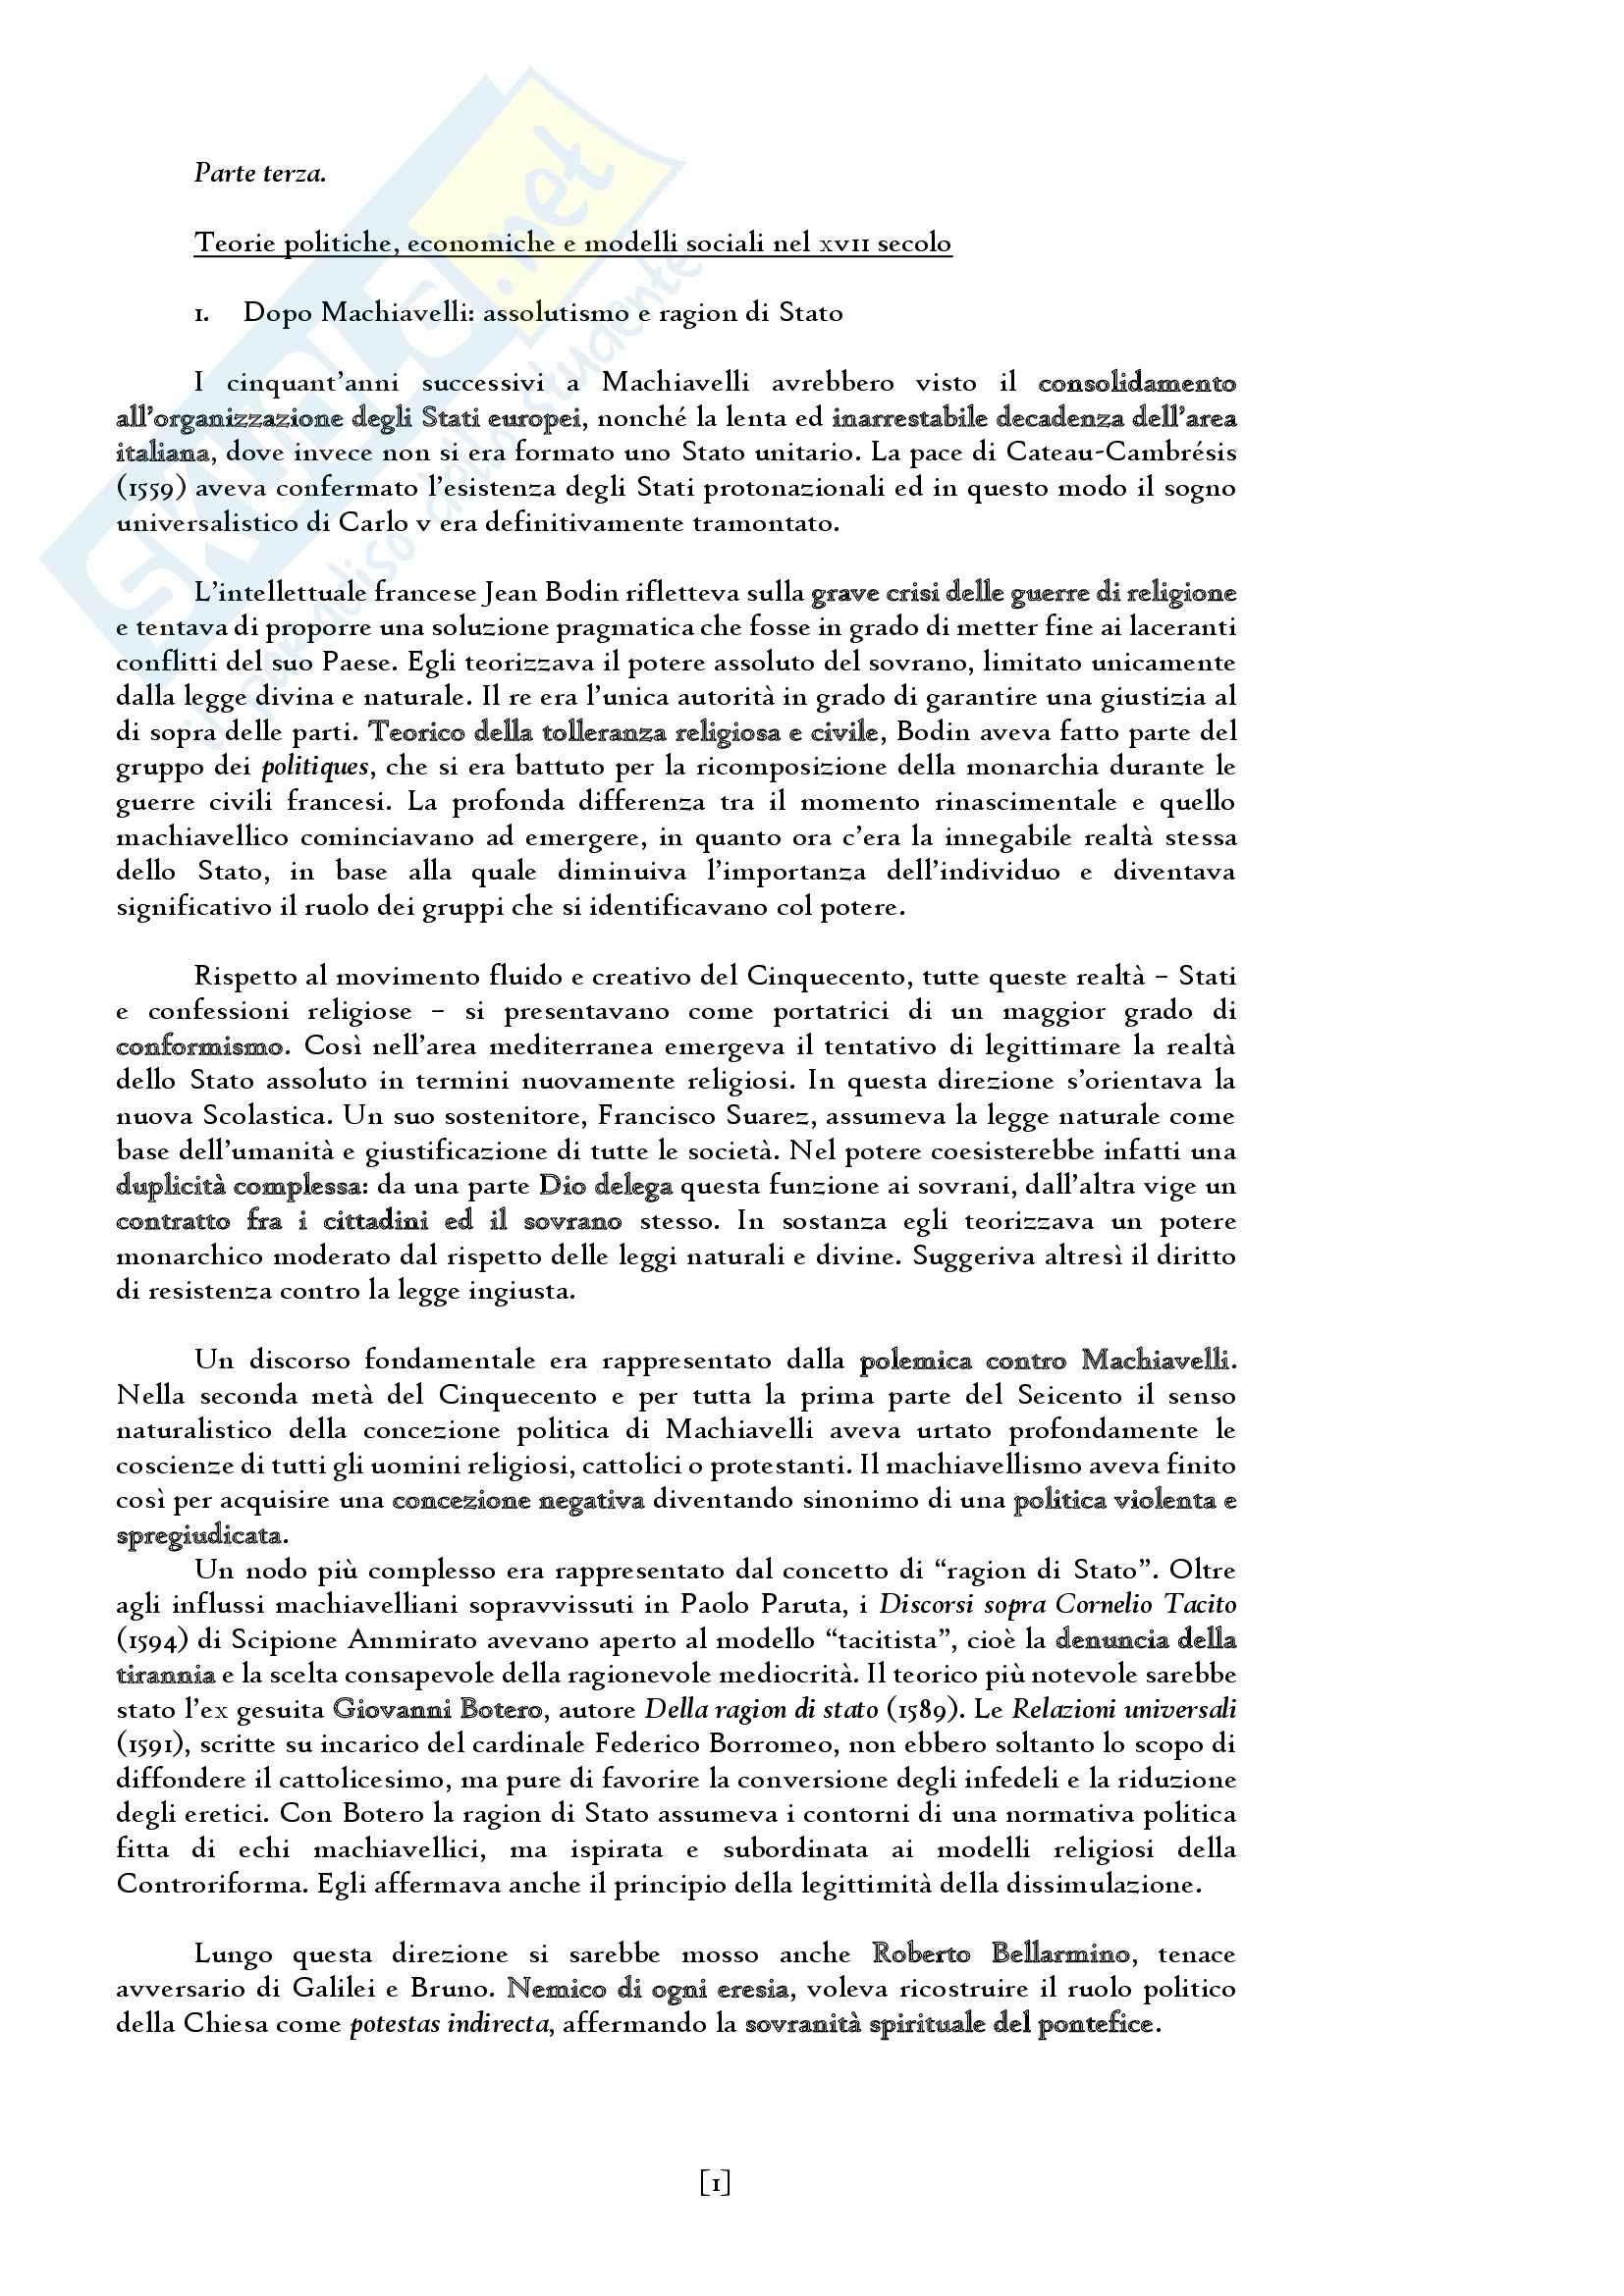 Riassunto esame del Manuale di storia moderna. L' età moderna (1660-1815) di Ricuperati, Ieva, prof. Carpanetto